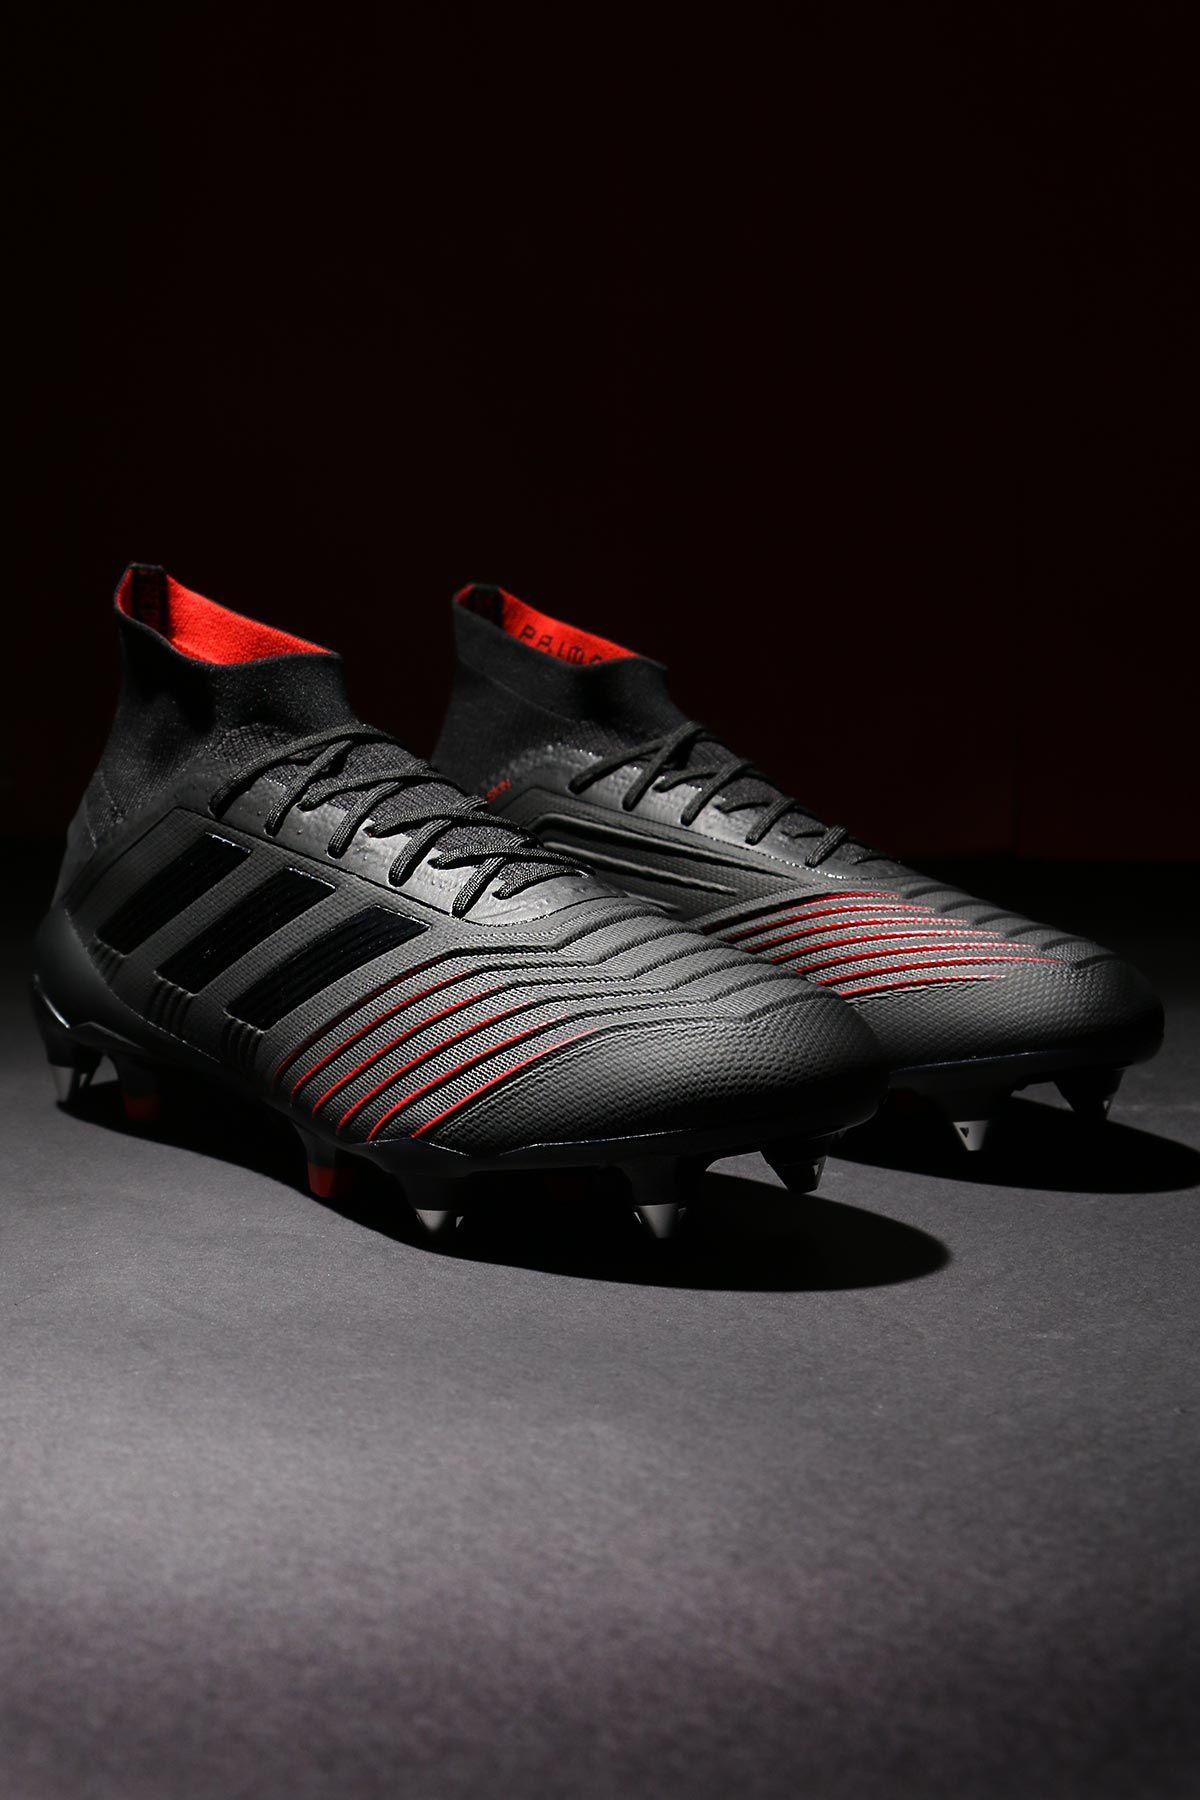 timeless design 024a3 286d3 Botas de fútbol con tobillera adidas SG para césped natural húmedo - negras